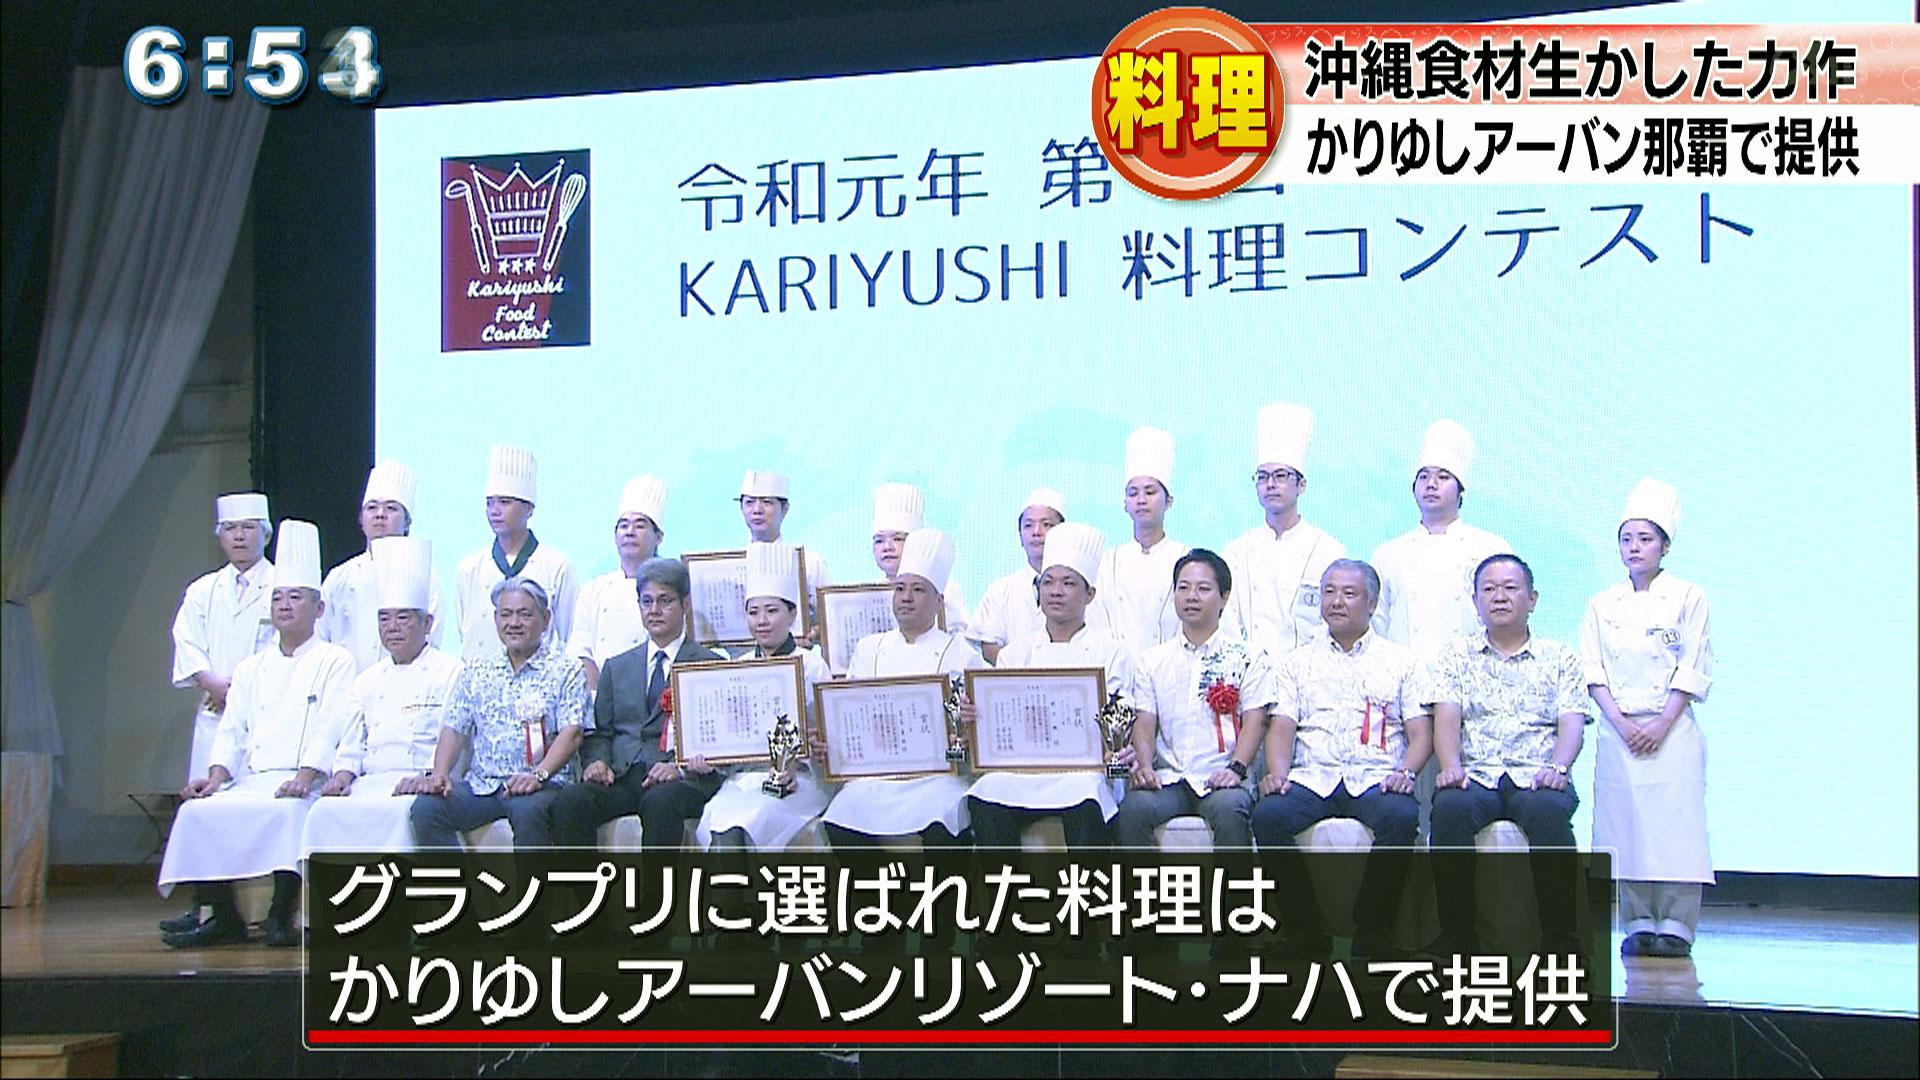 かりゆし料理コンテスト